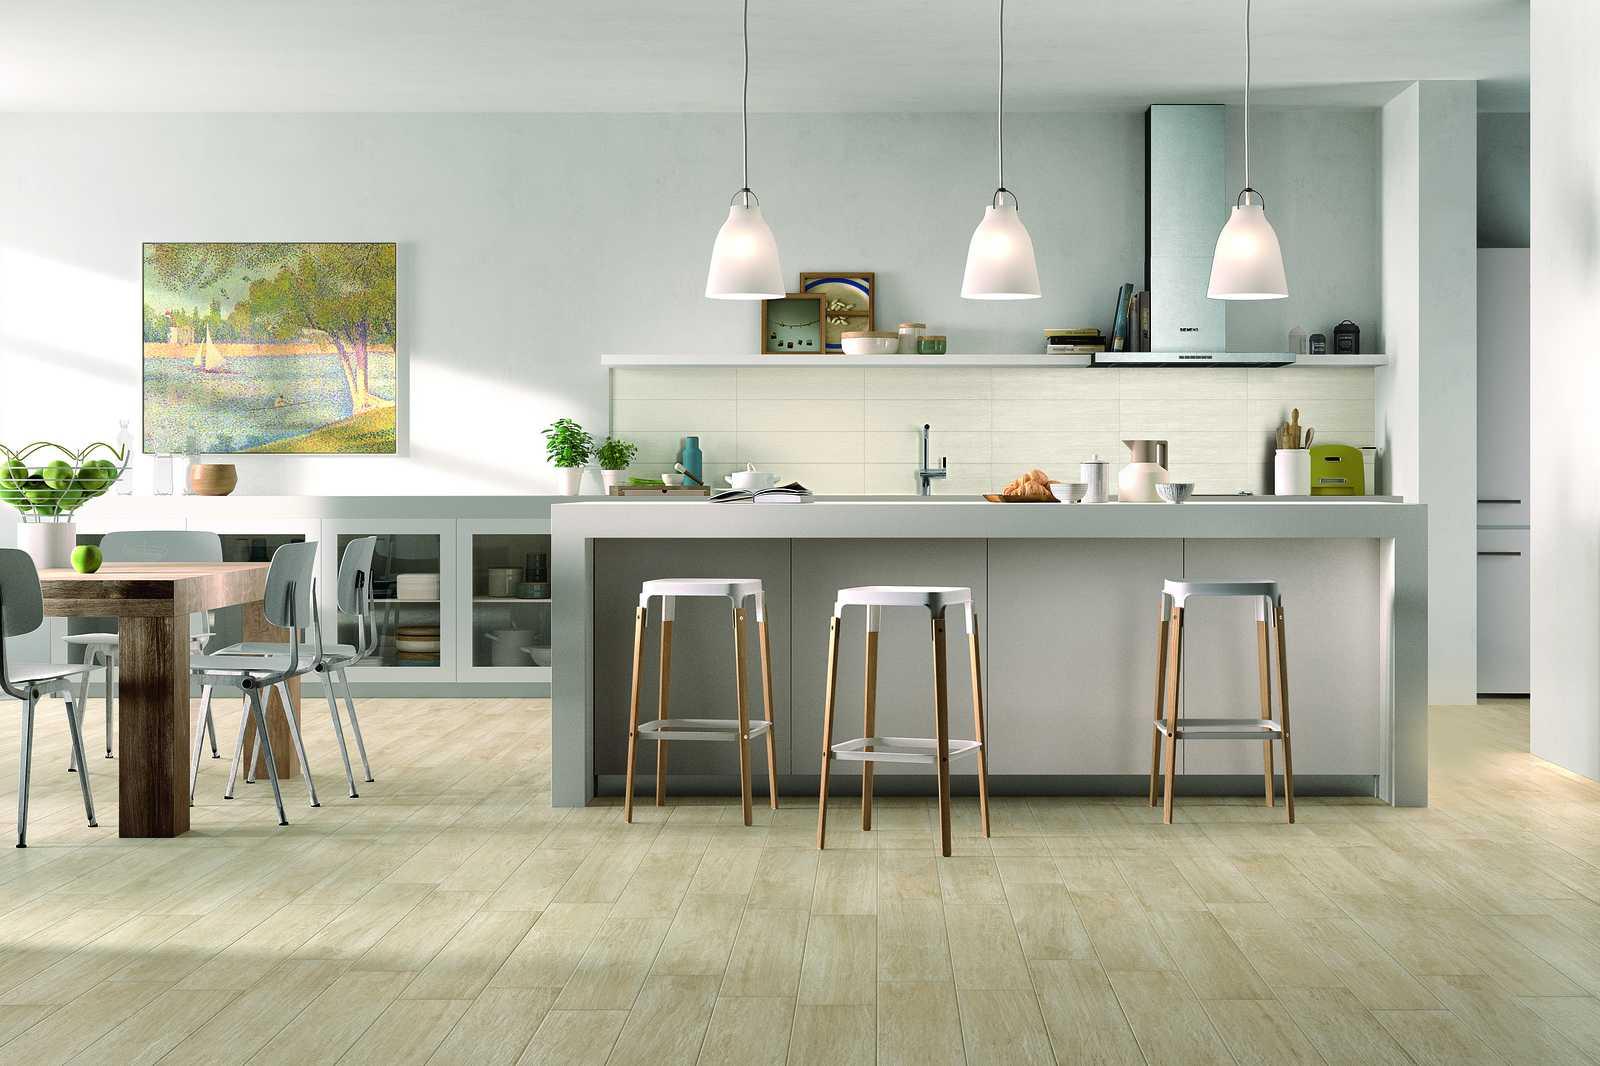 Mattonelle cucina moderna effetto pietra. galleria della piastrella